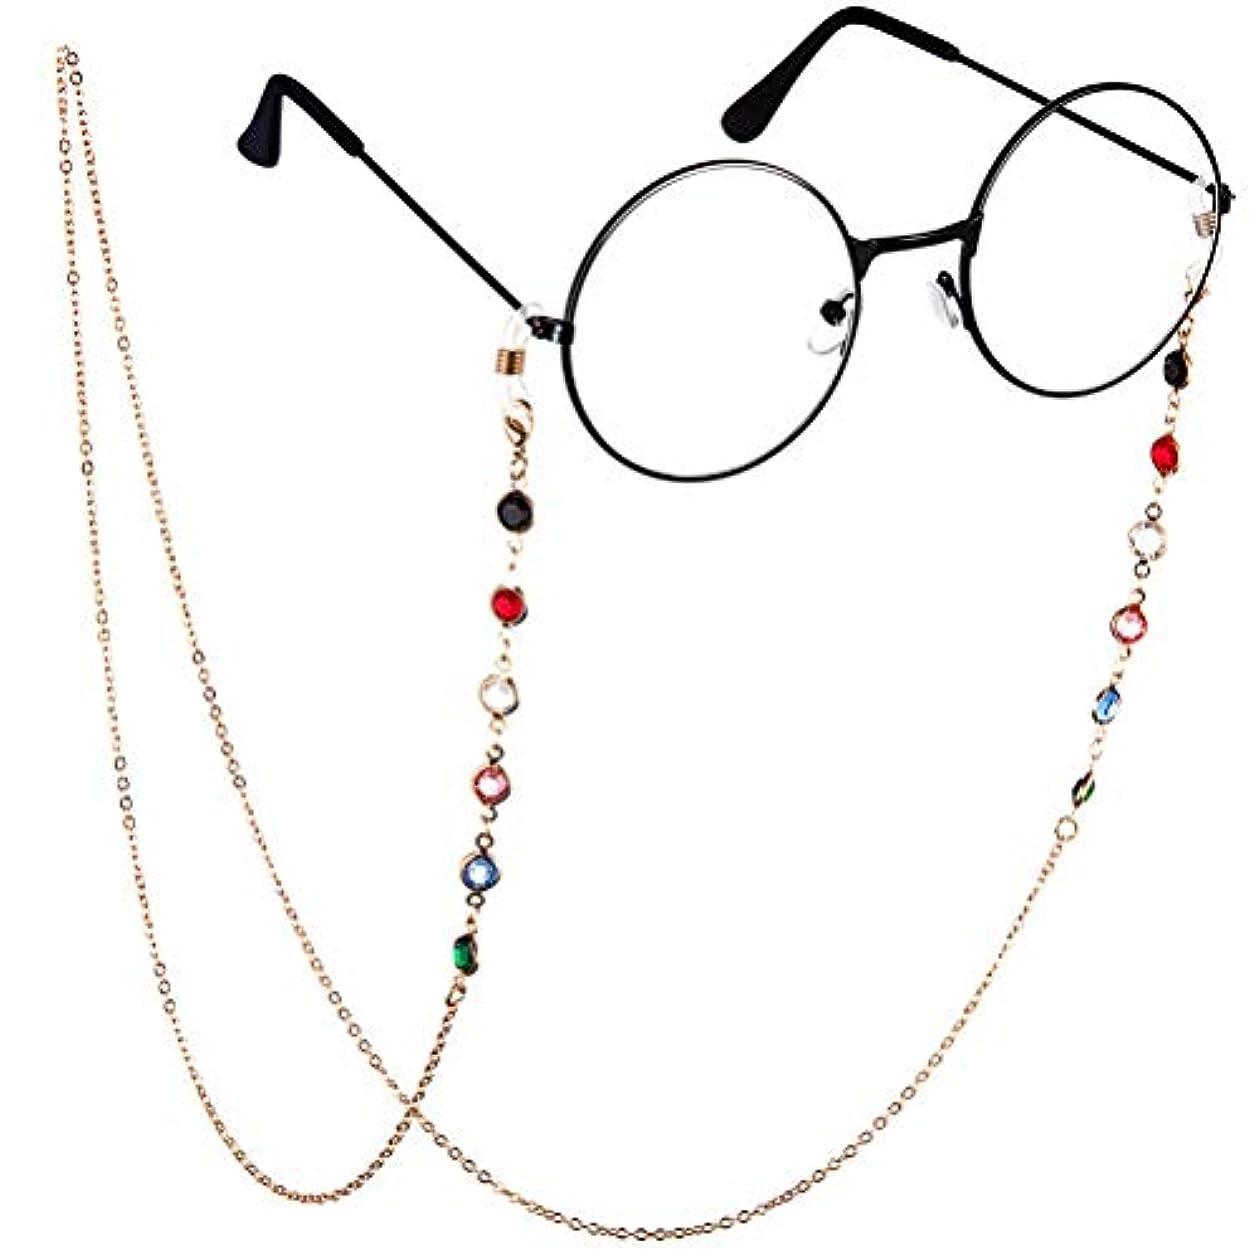 キャビン小屋中でBTSMAT ファッションジェムメガネチェーンメガネ老眼鏡メガネメガネホルダーストラップストラップ